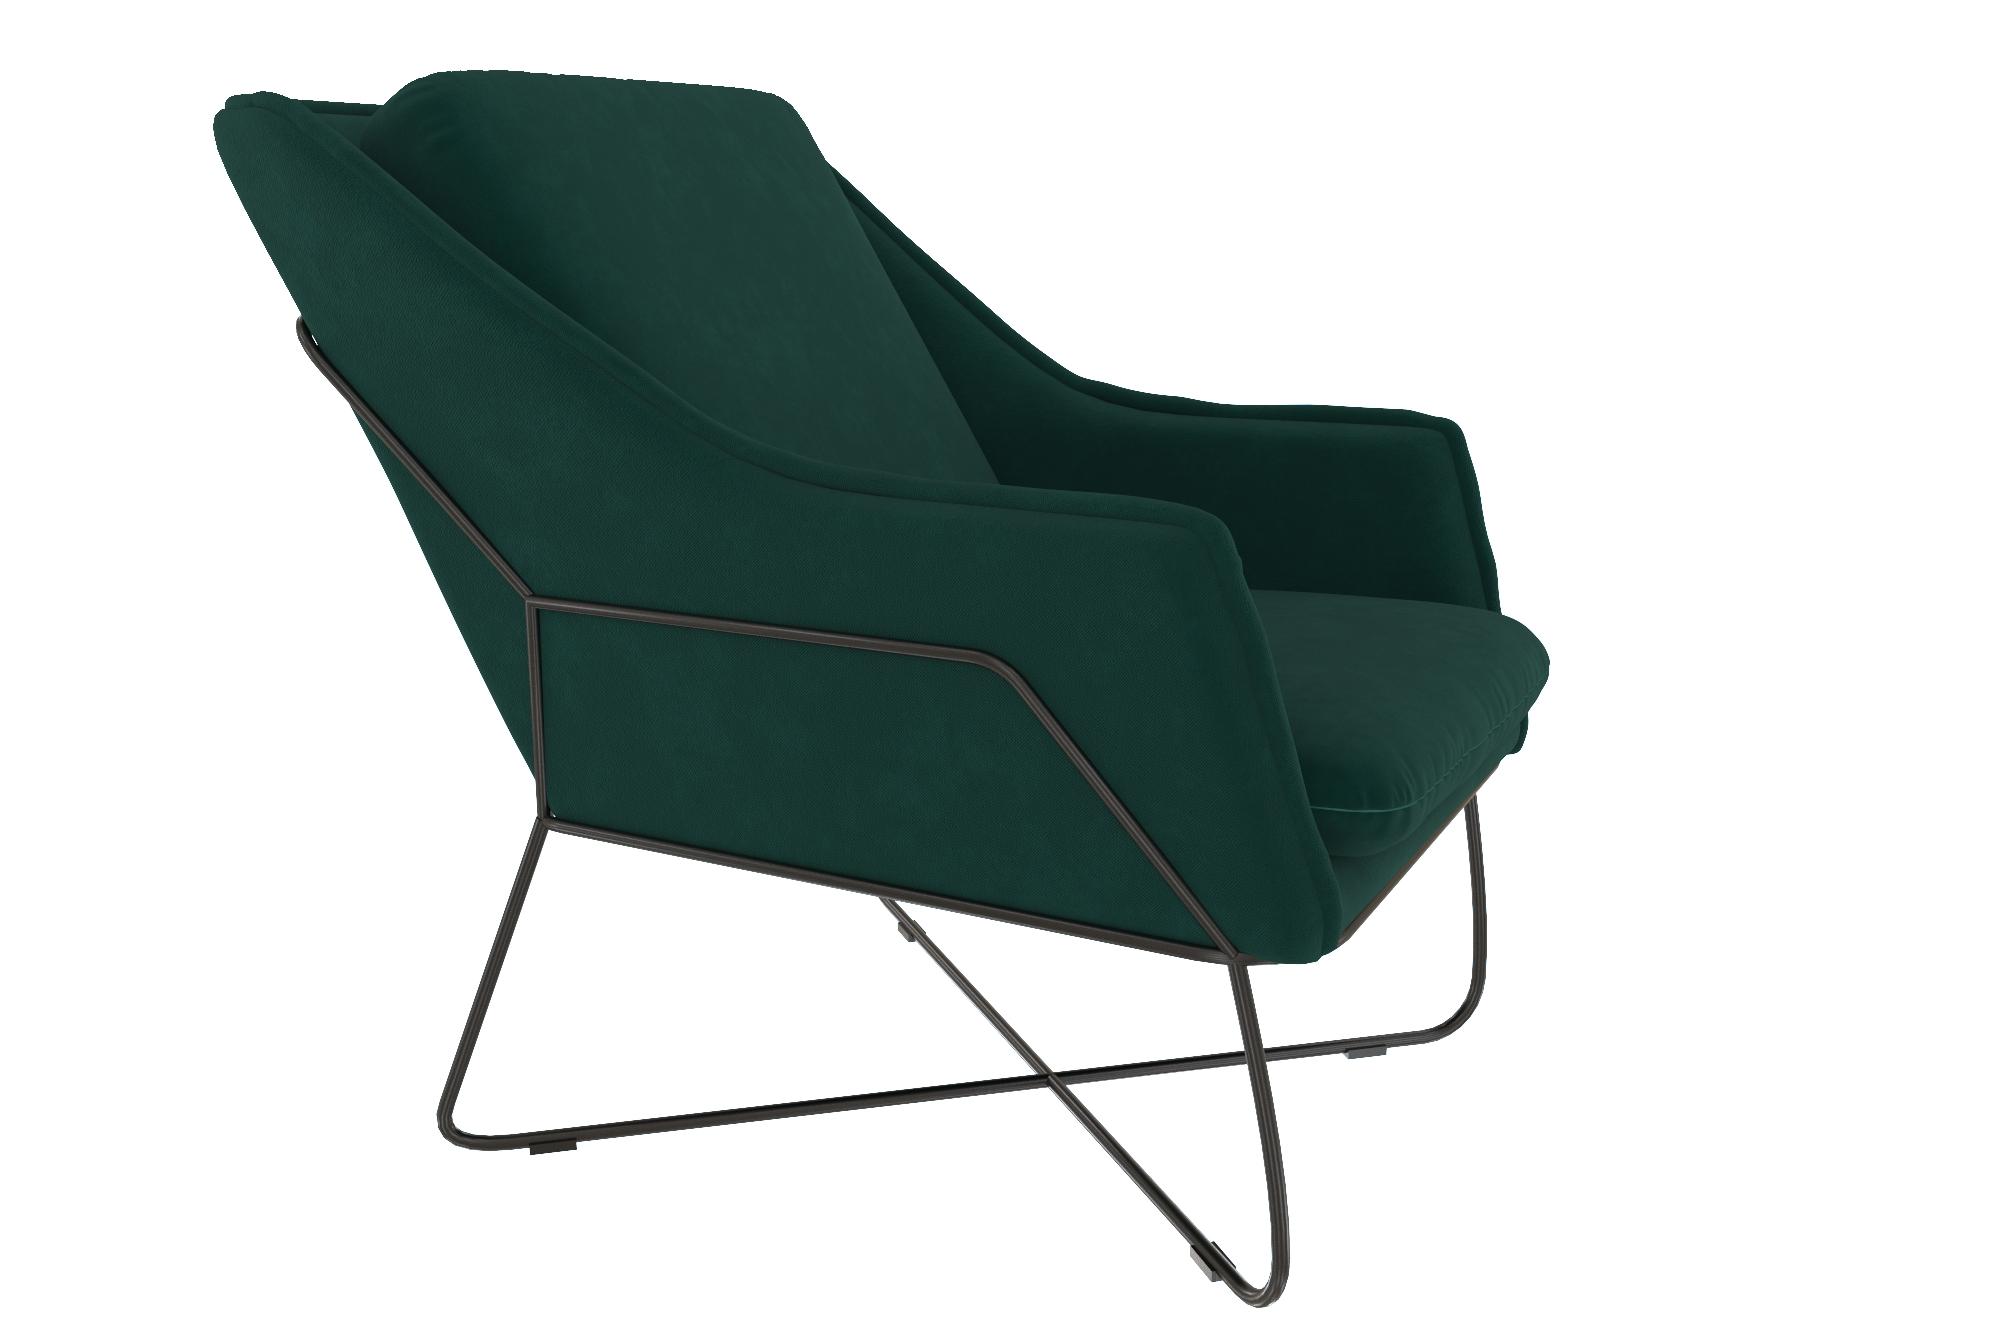 Кресло Comfort, Д3 Ангстрем фото